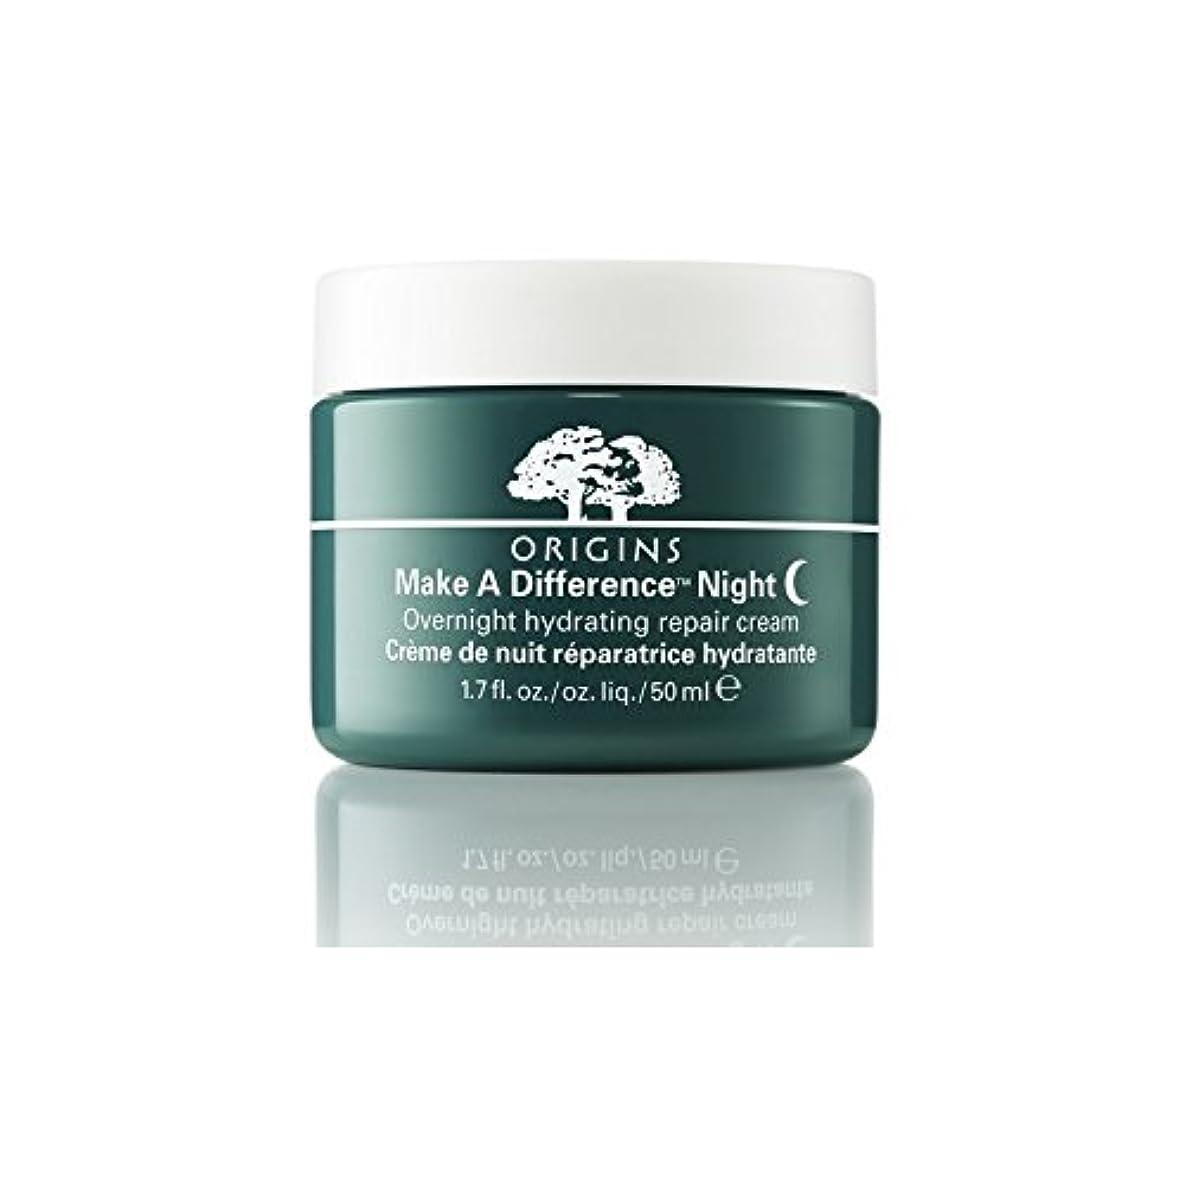 飼いならす値マトロンOrigins Make A Difference Overnight Hydrating Repair Cream 50ml (Pack of 6) - 起源は違い、一晩水和リペアクリーム50ミリリットルを作ります x6...